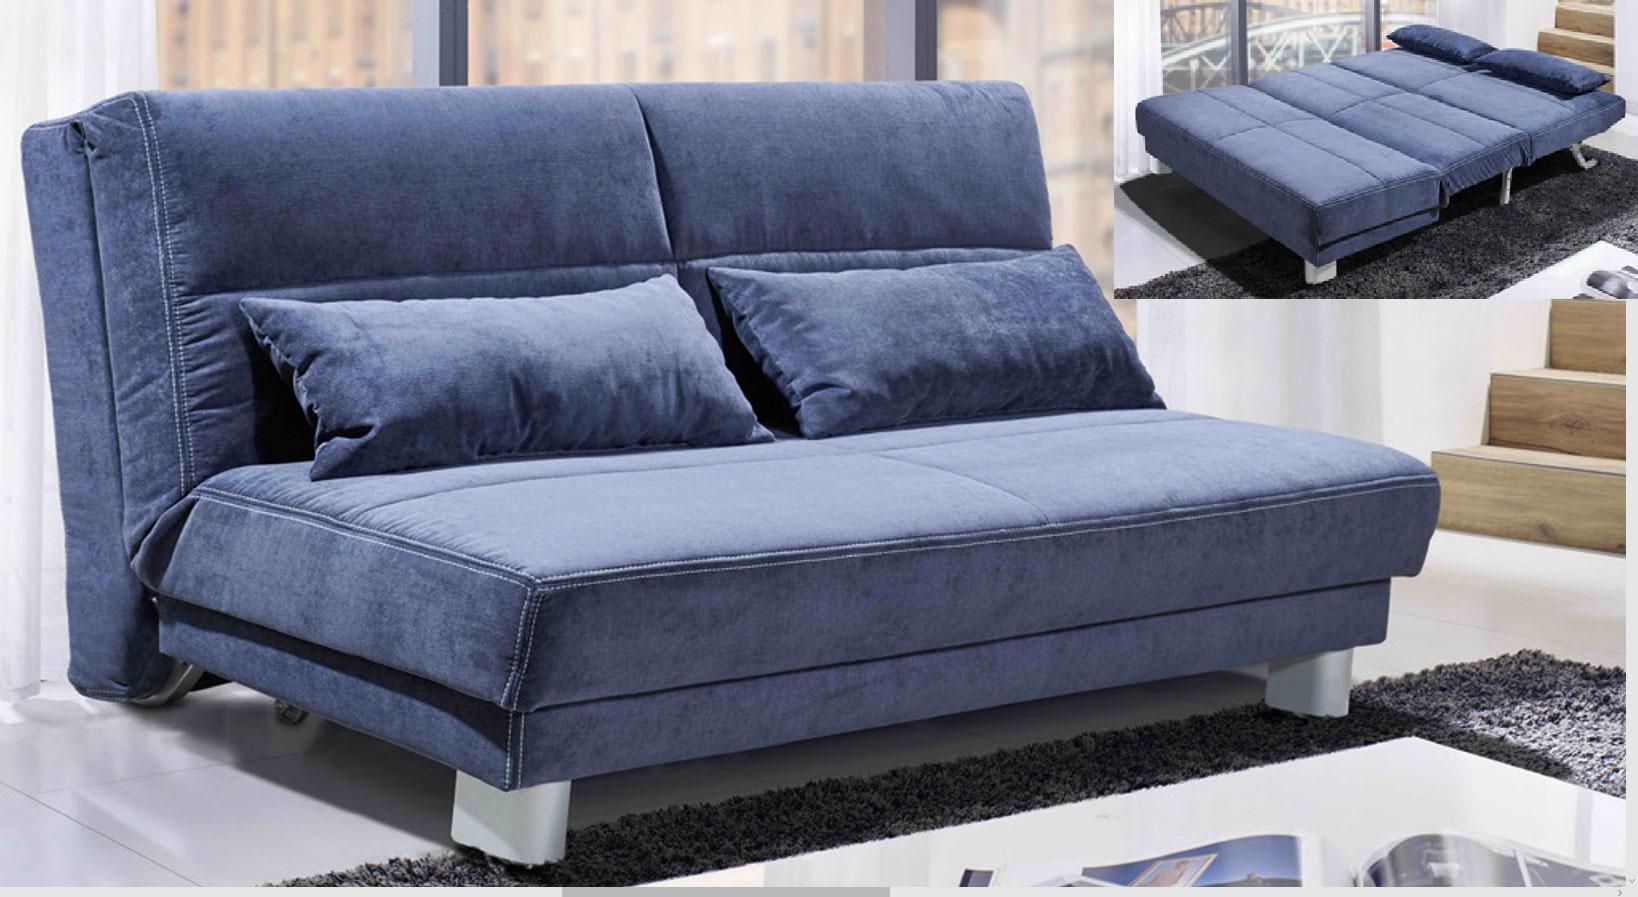 Sofateam Schlafsofa 160 cm blau